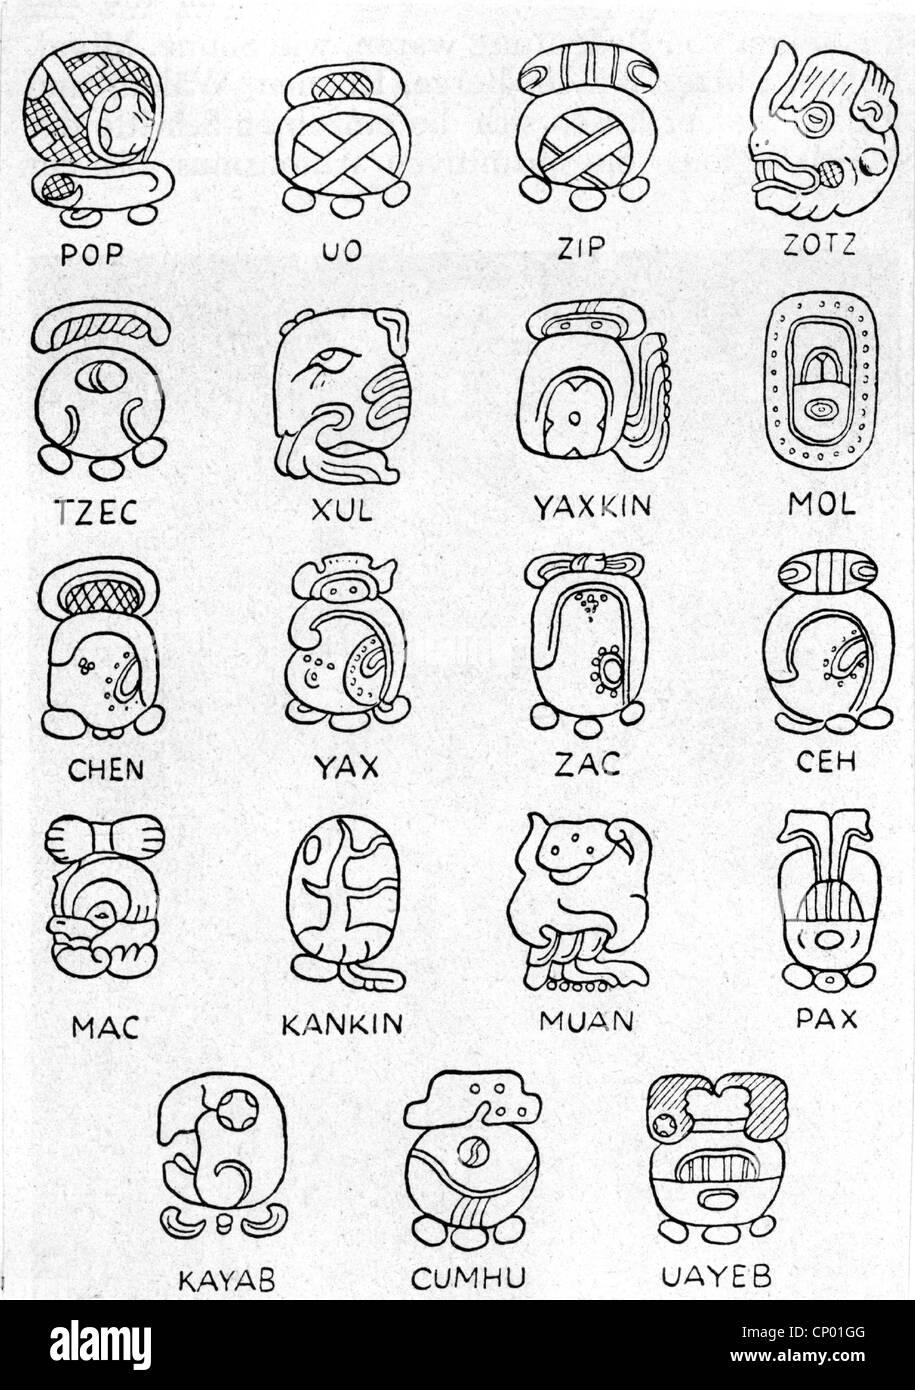 Calendrier Maya Signe.L Ecriture Script L Amerique Du Sud Maya Mois Symboles